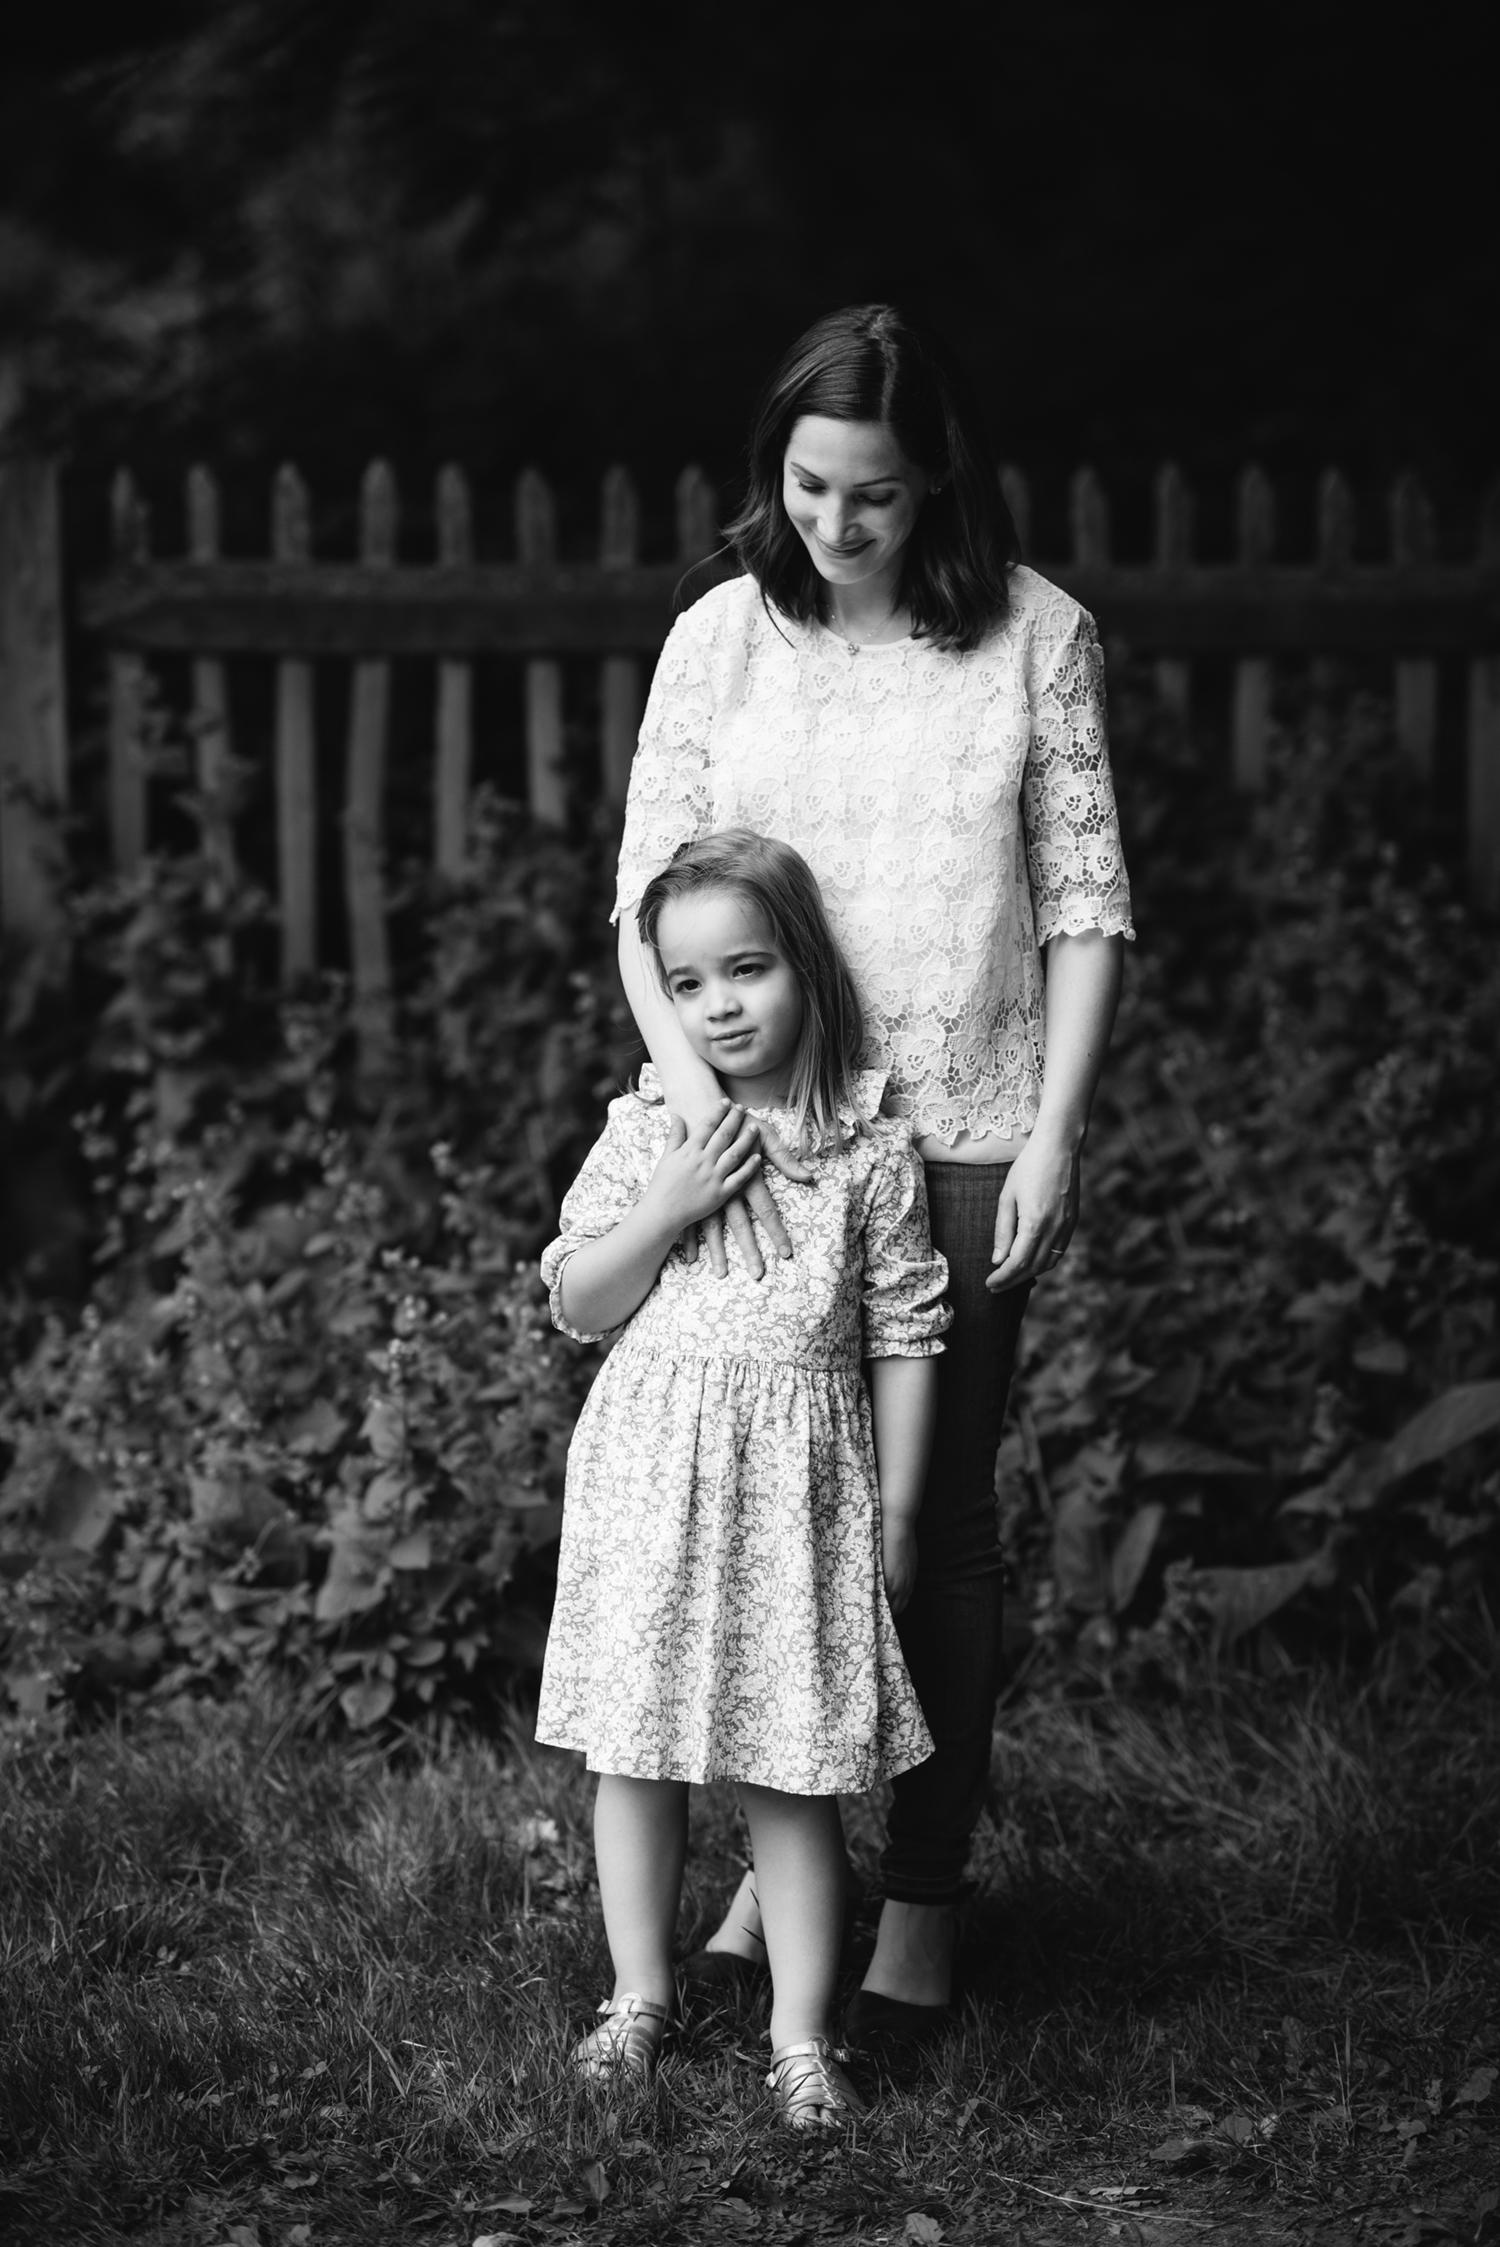 Hampstead-Heath-Family-Photographer-018.jpg